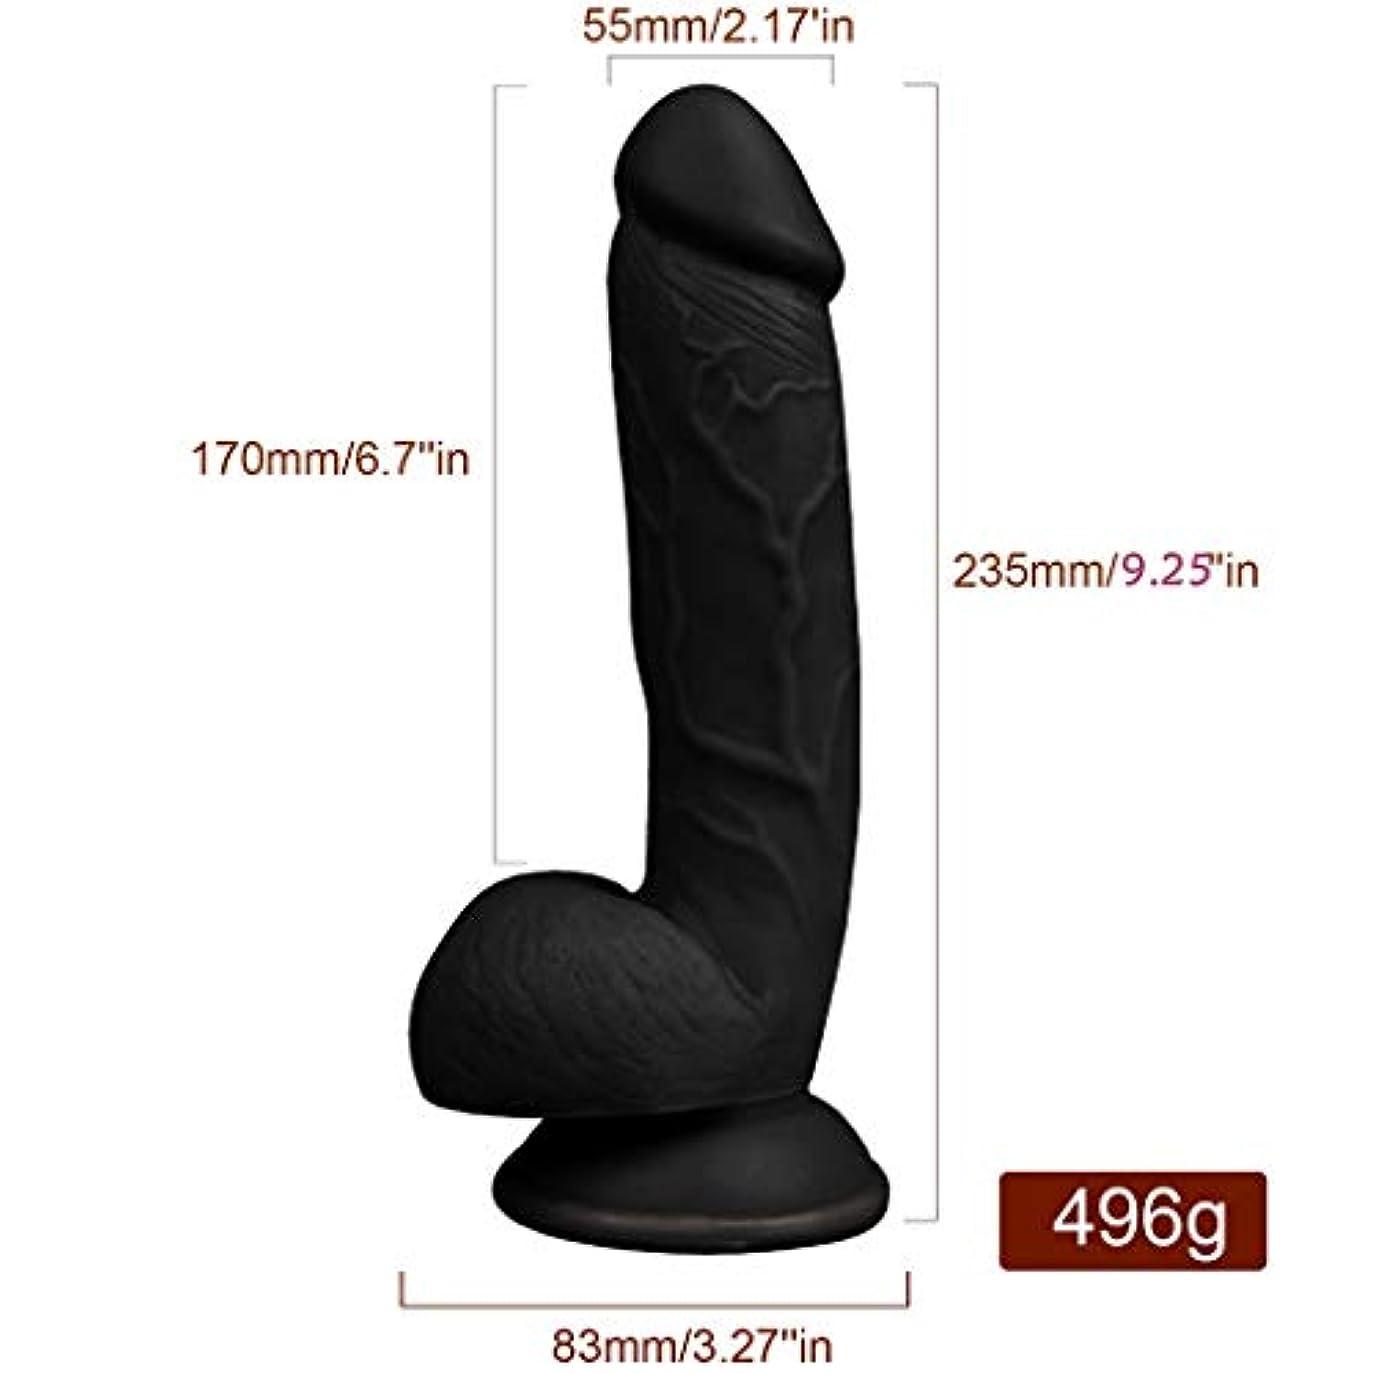 物思いにふける大事にする継承Qybtoo 9.97インチの再利用可能なのカップル防水マッサージャーシリコーンメイドのためのリアルなセクシーおもちゃ Qybtoo (Color : Black)